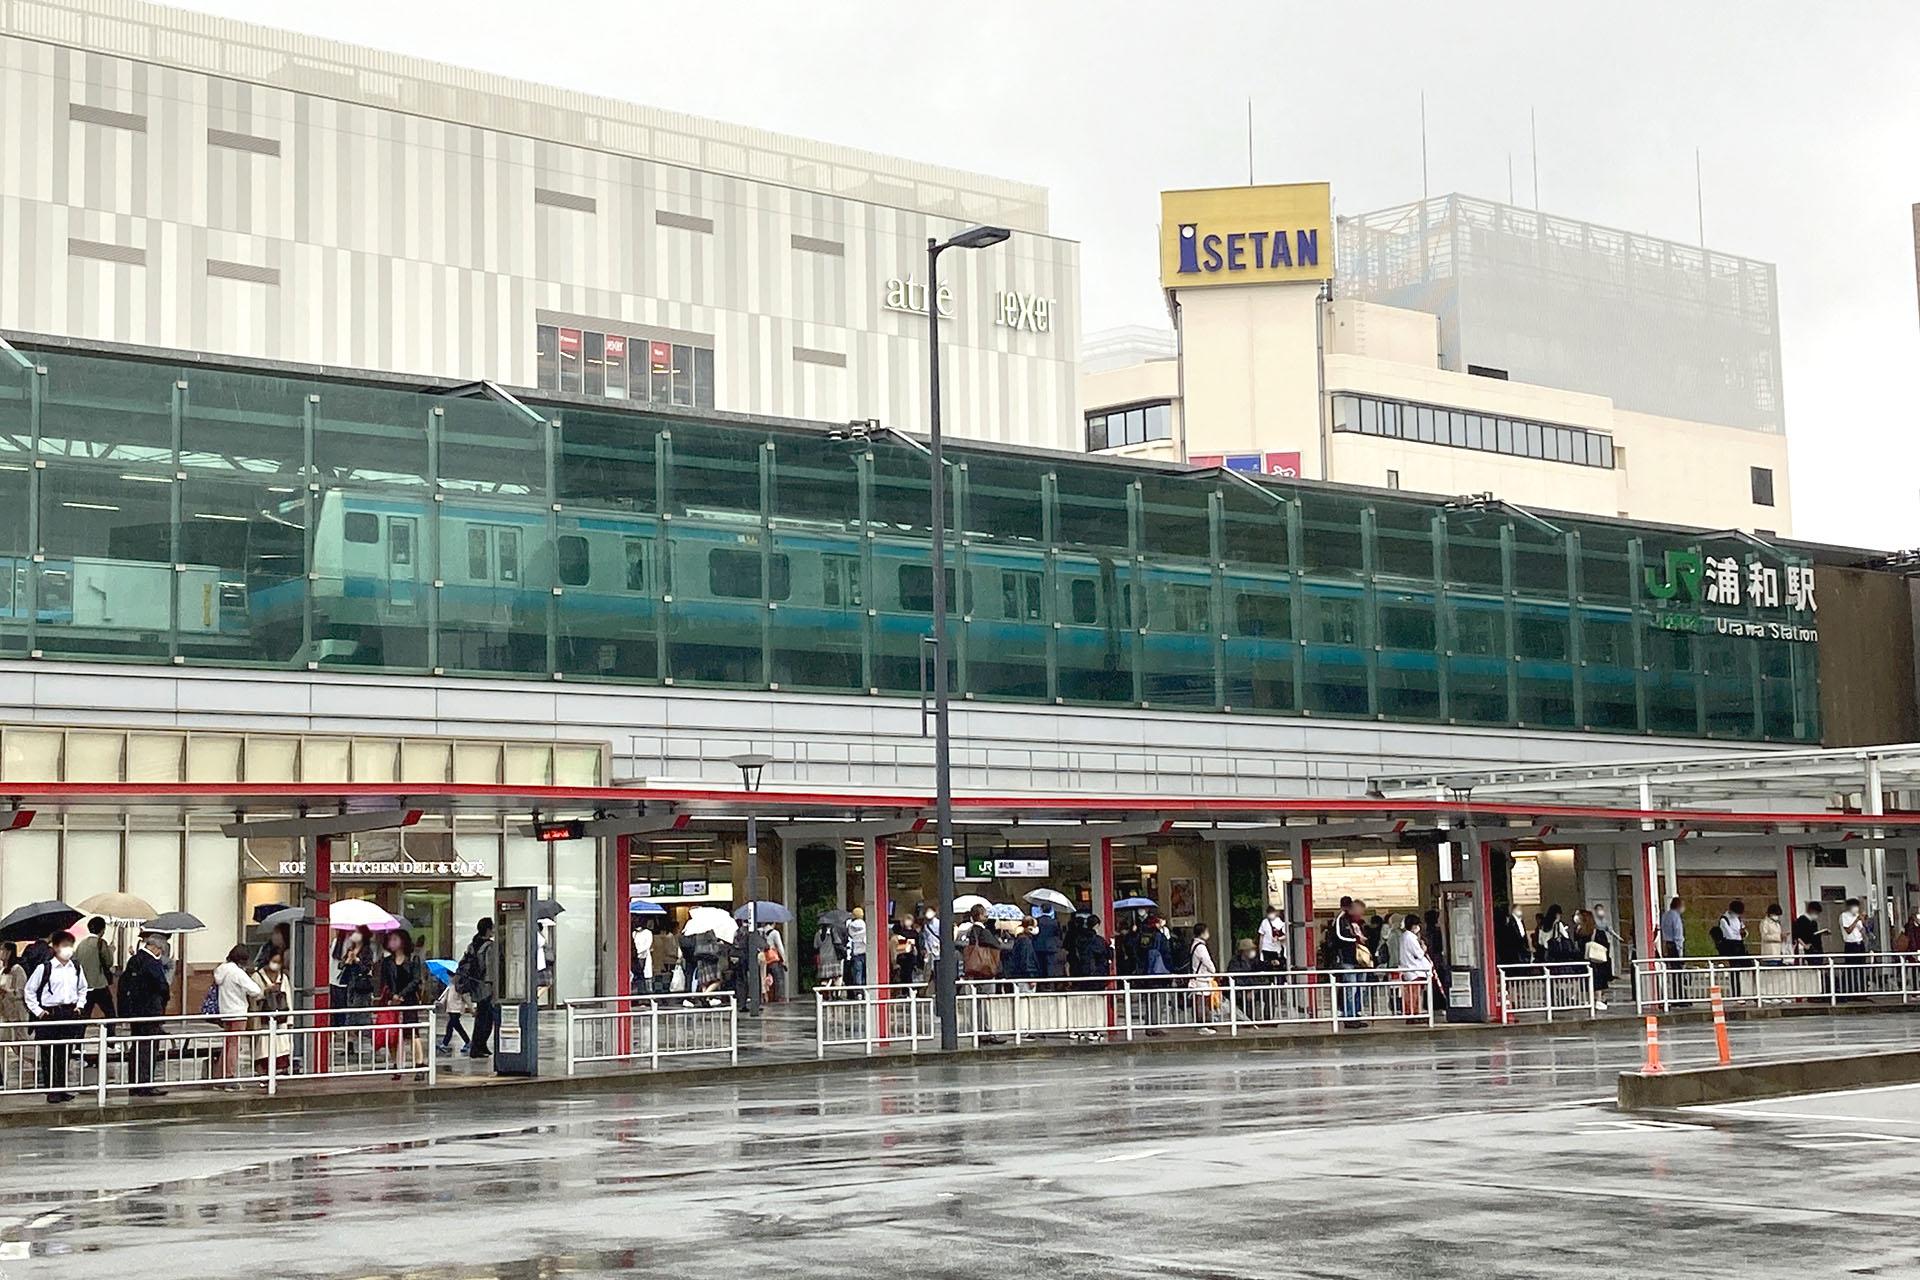 【浦和駅周辺を歩いてみた】宿場町としての歴史も残る、県政の中核を担う街